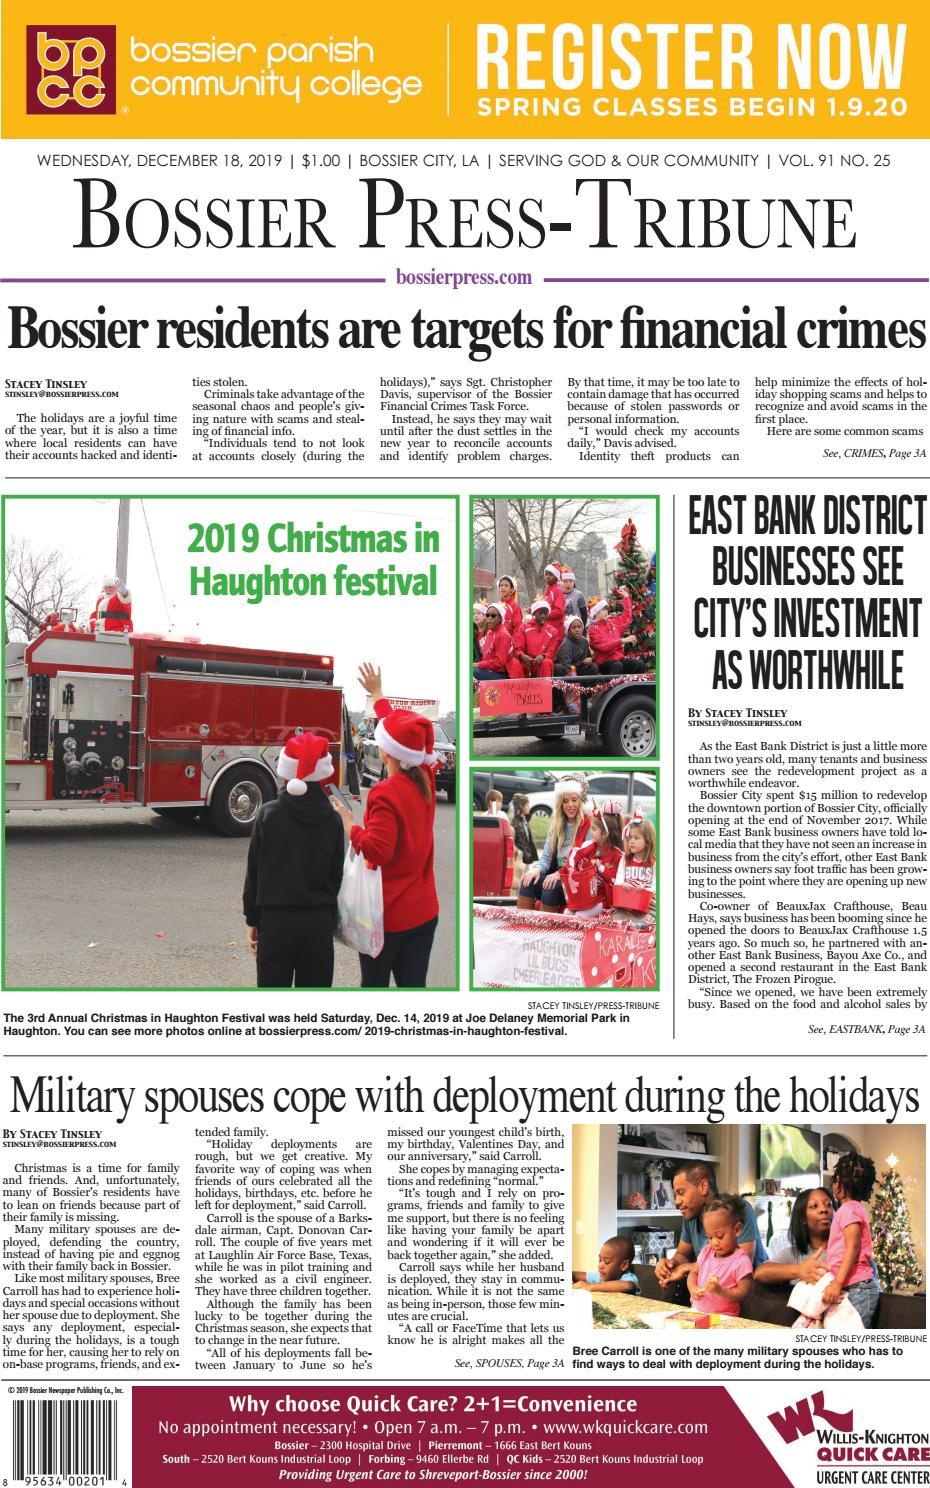 Bossier Press Tribune 12 18 19 E Edition By Bossier Press